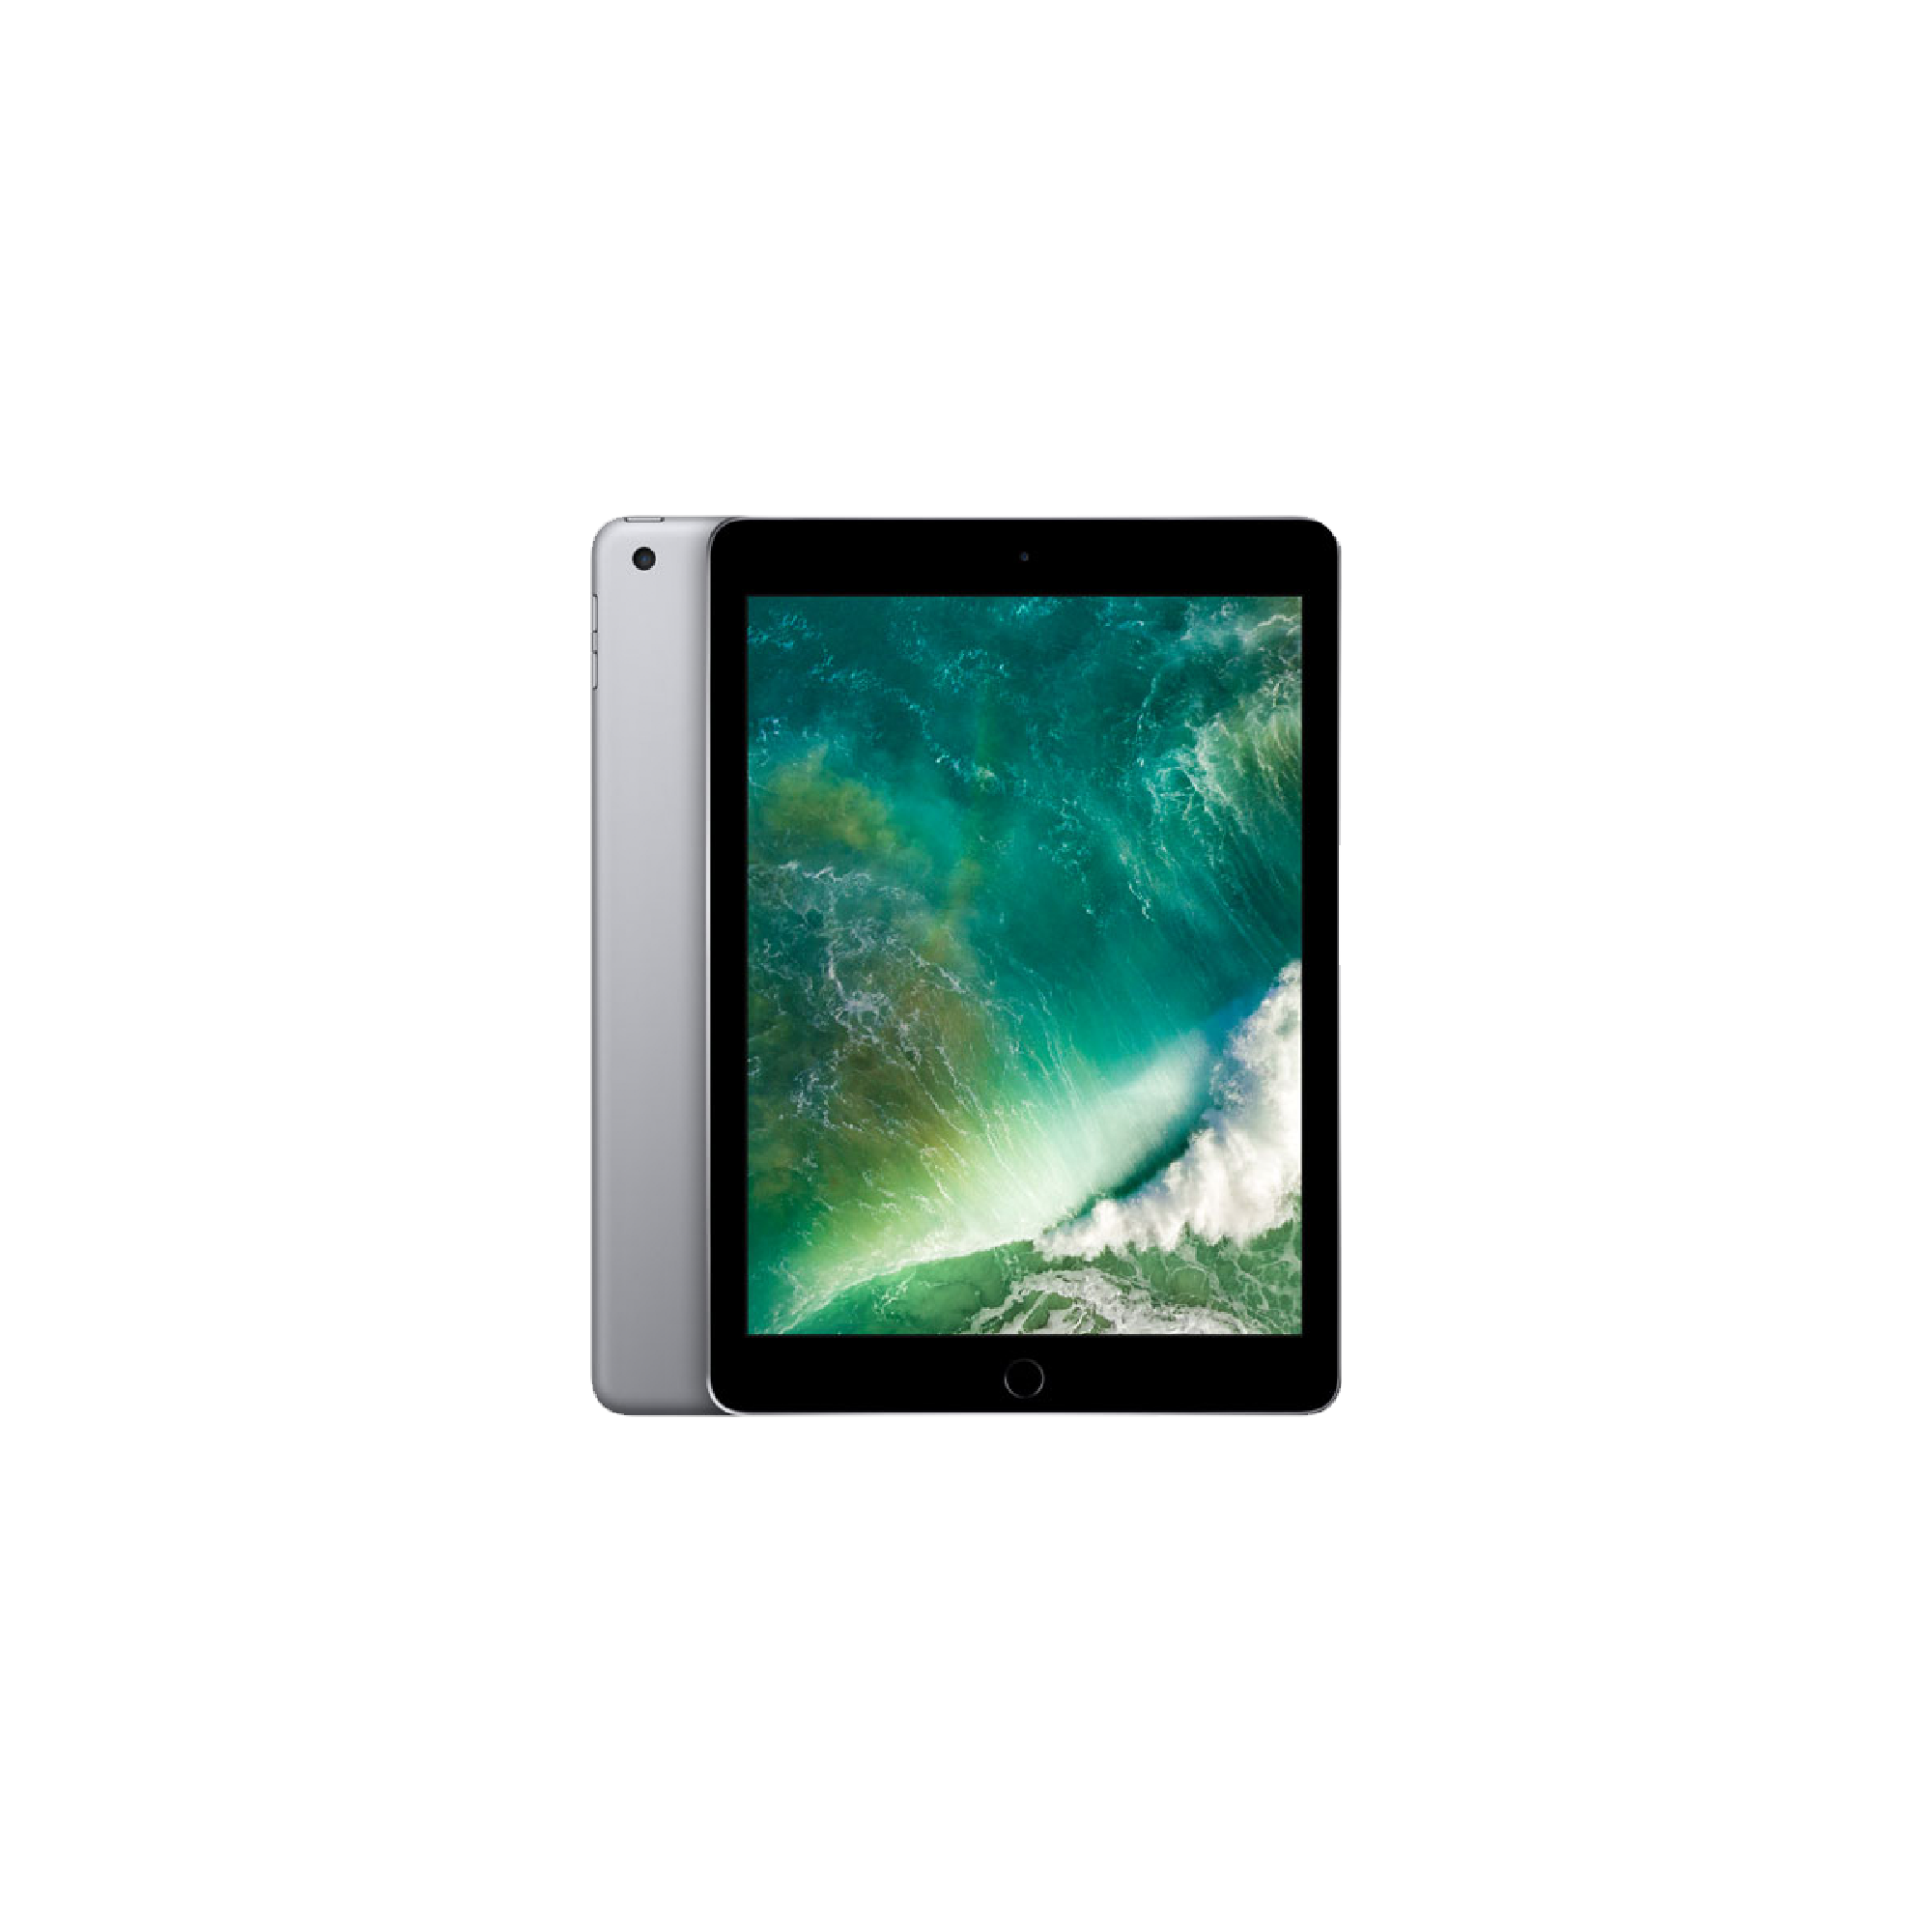 iPad 5 | $110 + tax